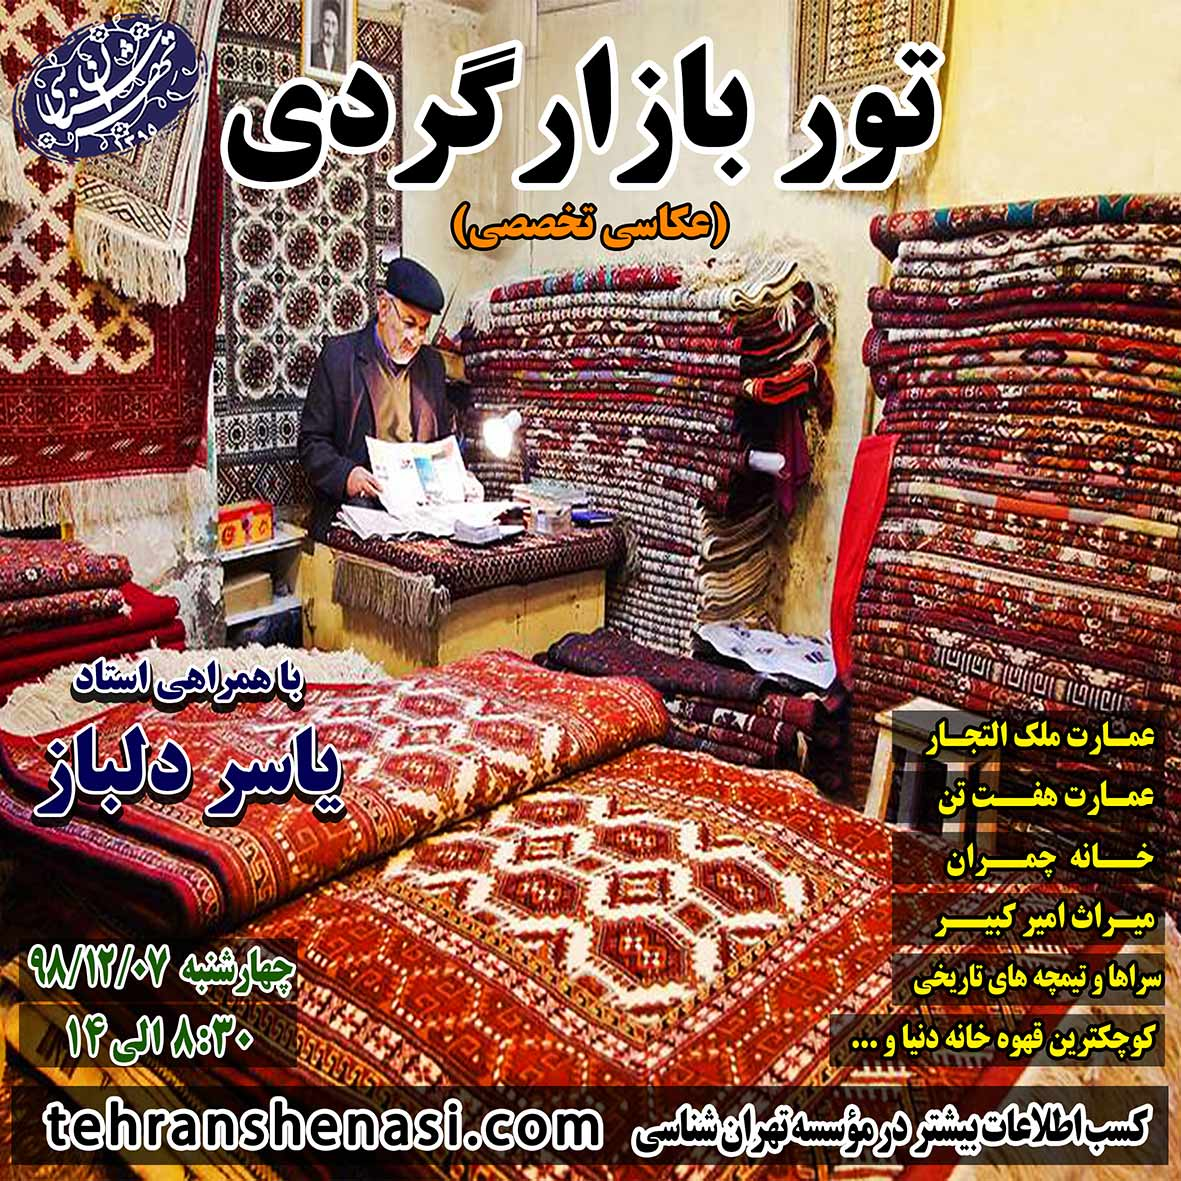 بازار گردی-موسسه تهران شناسی